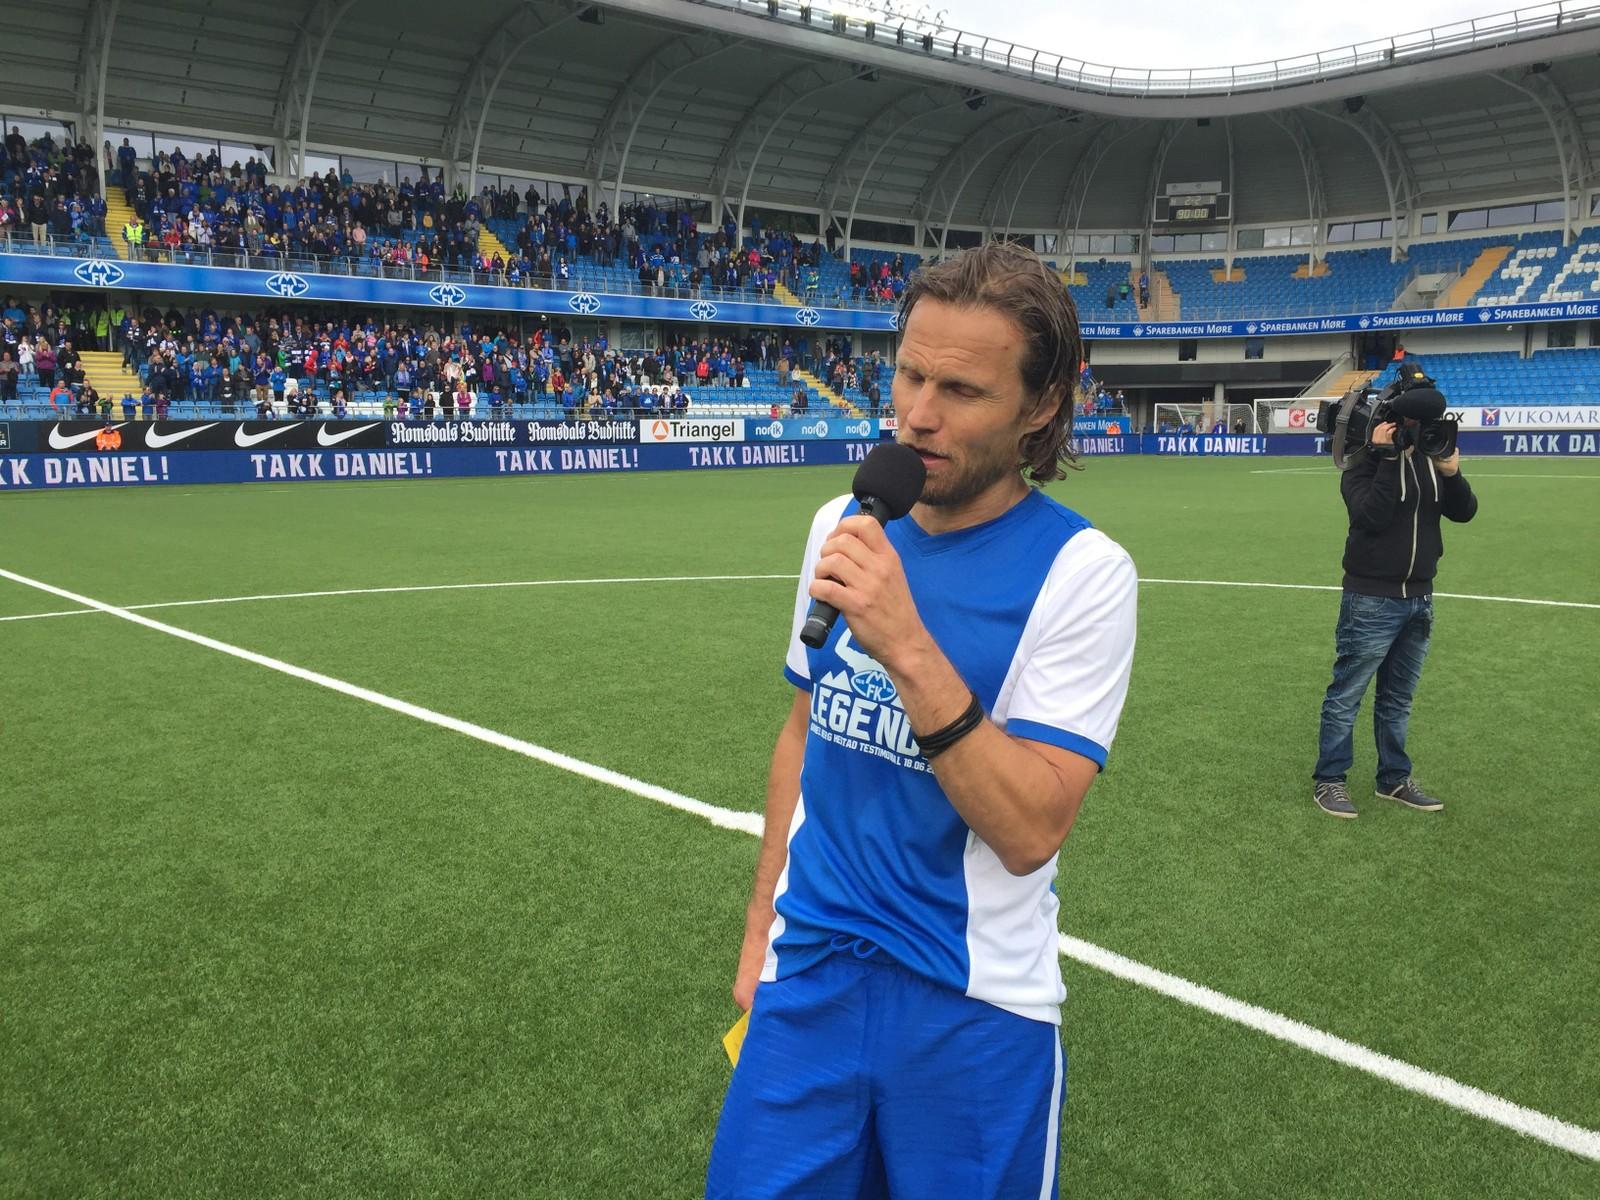 TAKK: Kampen endte 2-2 på Aker Stadion. Daniel Berg Hestad brukte tiden etter kampen til å takke Molde fotballklubb og supportere.